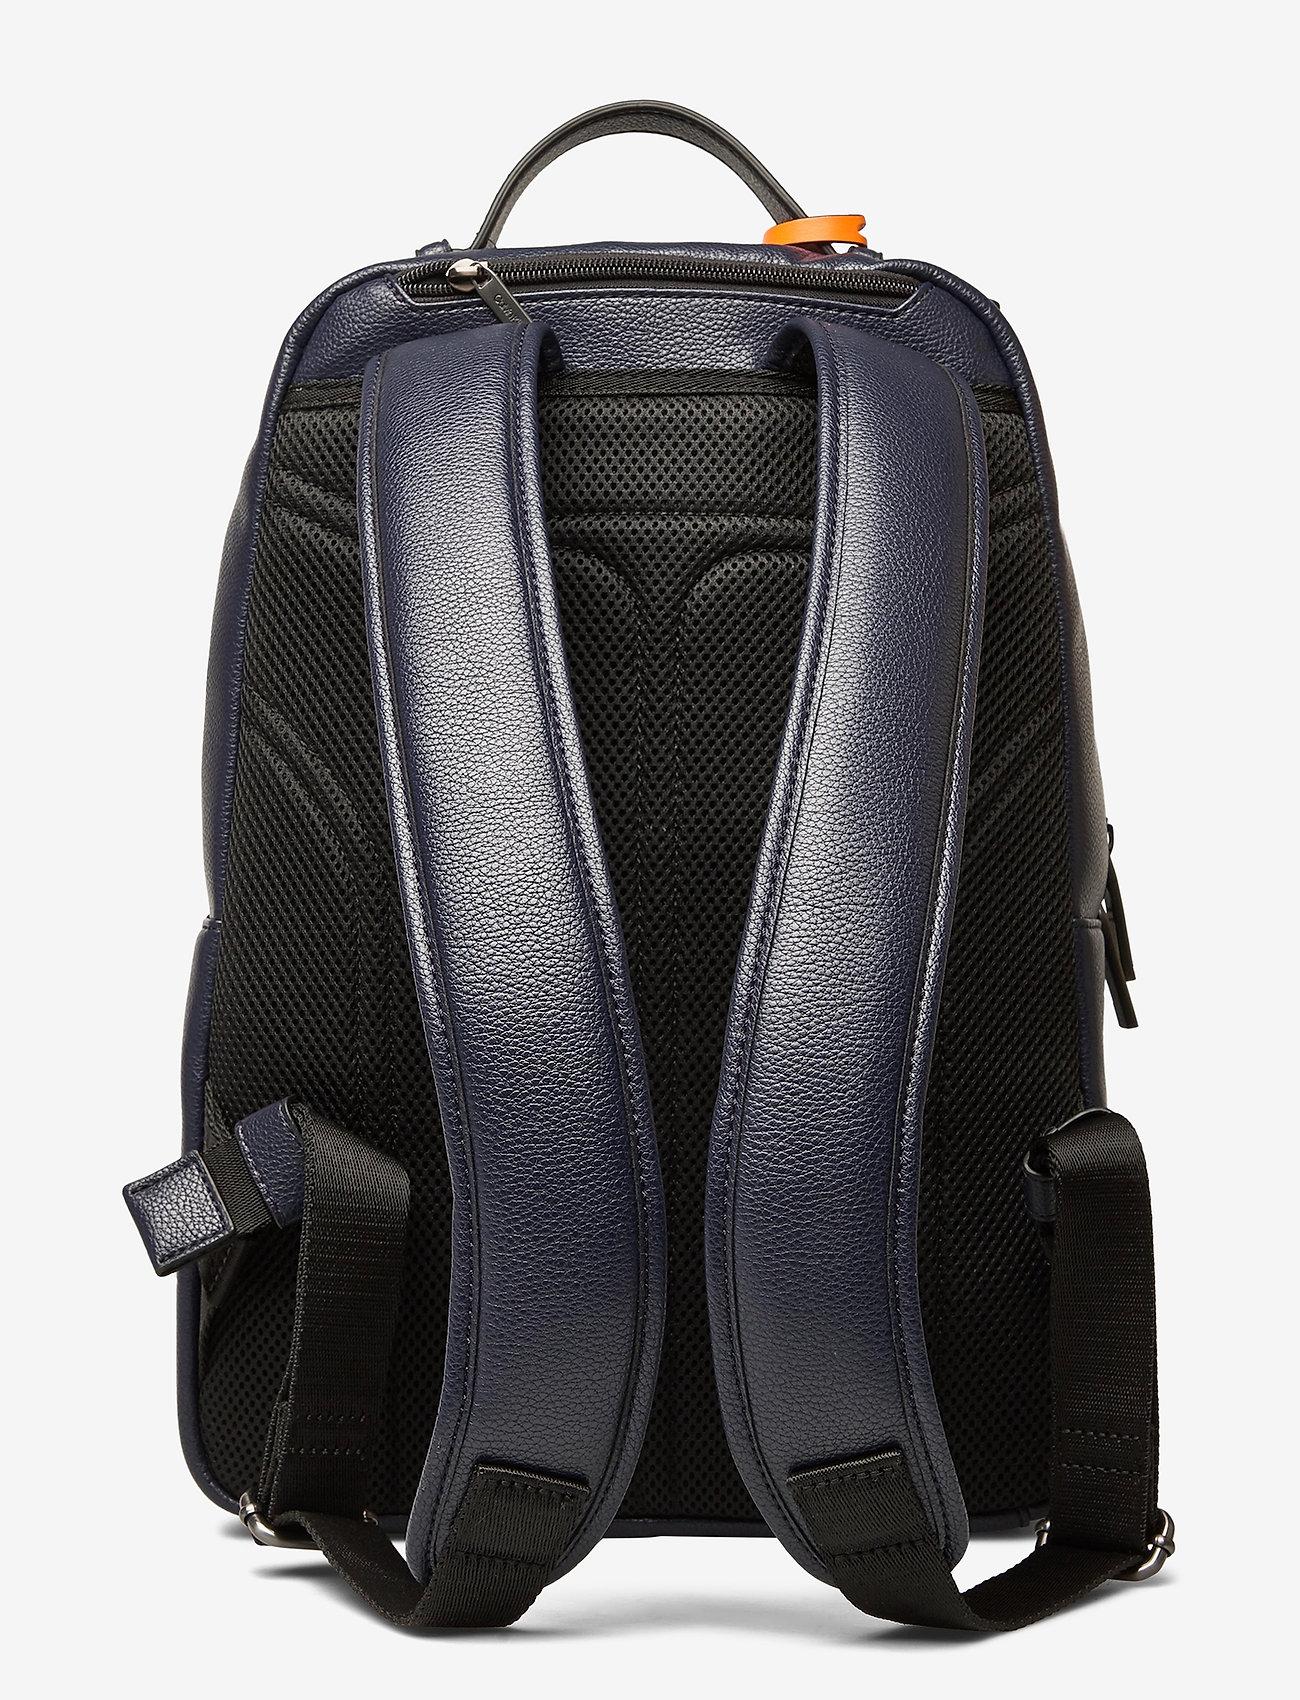 Calvin Klein Ck Bombe' Backpack - Backpacks